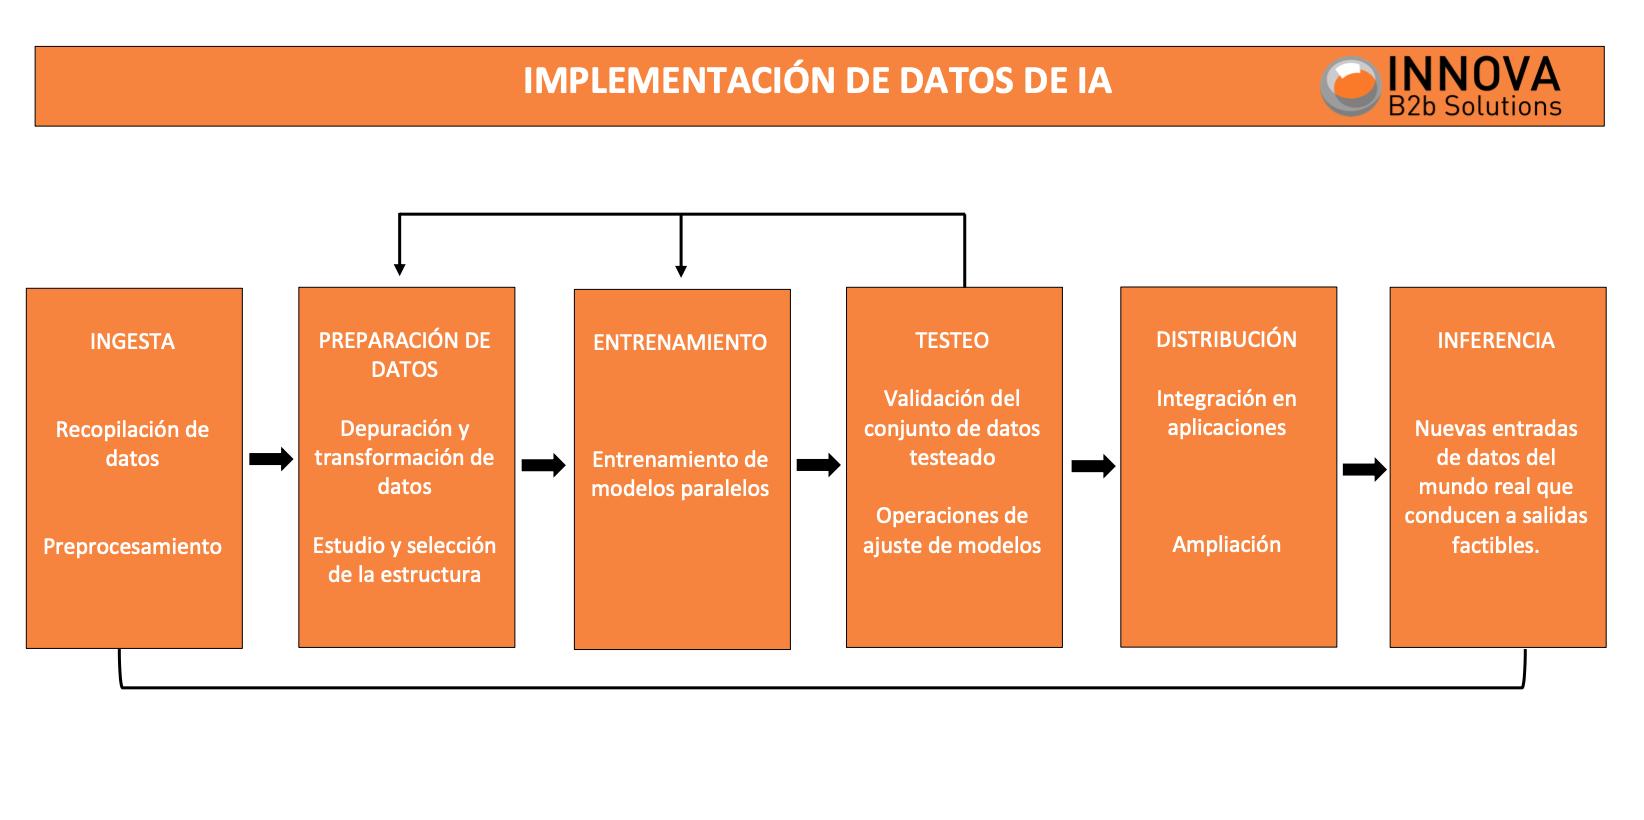 implementación de datos